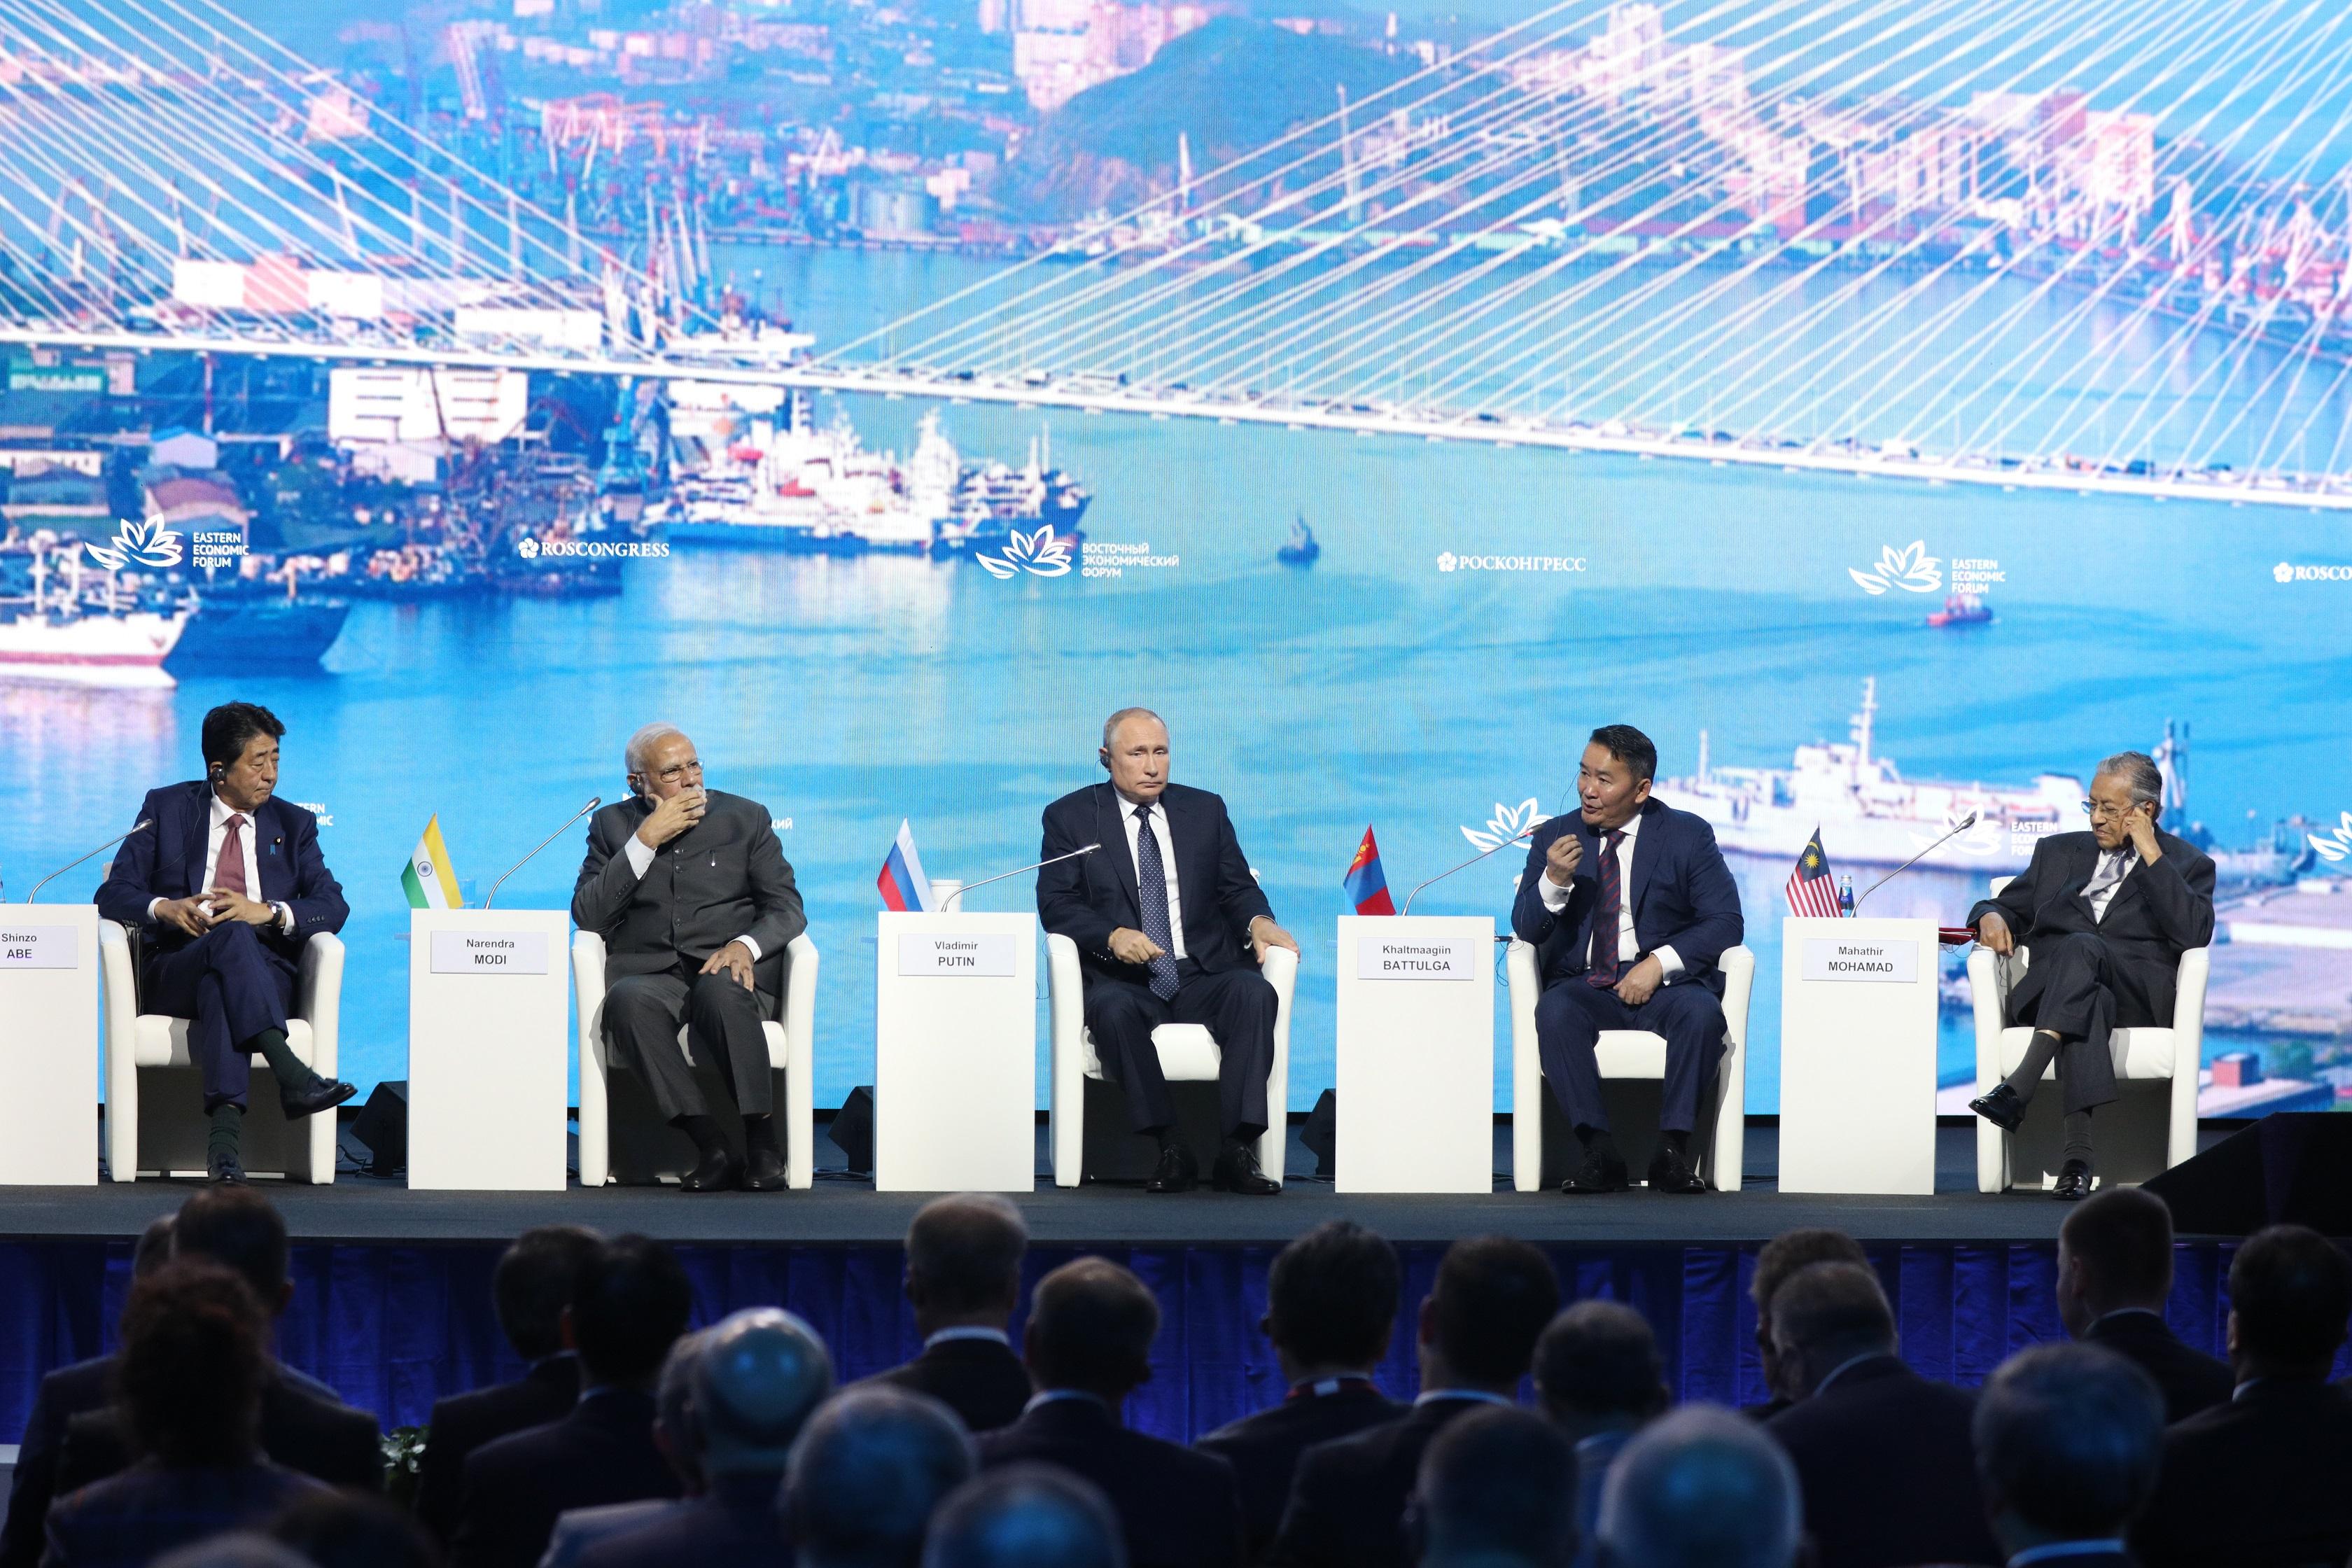 Ерөнхийлөгч Х.Баттулга: Монгол Улс идэвхтэй, нээлттэй байхыг хүсч байна